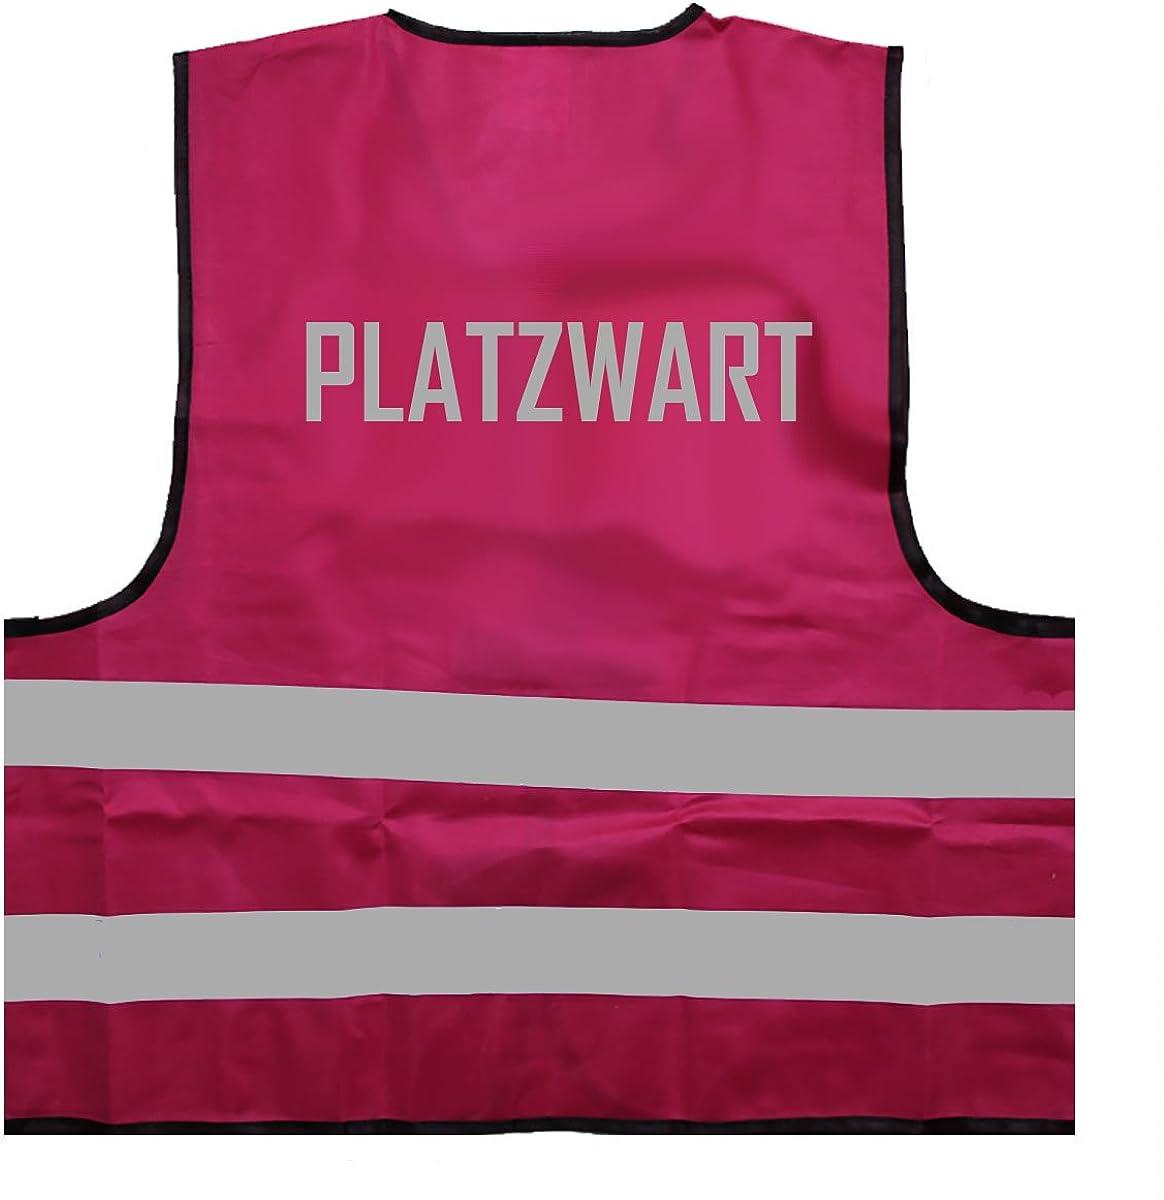 ID: 033 PLATZWART Reflex Signalweste Warnweste mit reflektierendem Aufdruck Einheitsgr/ö/ße bis XXL